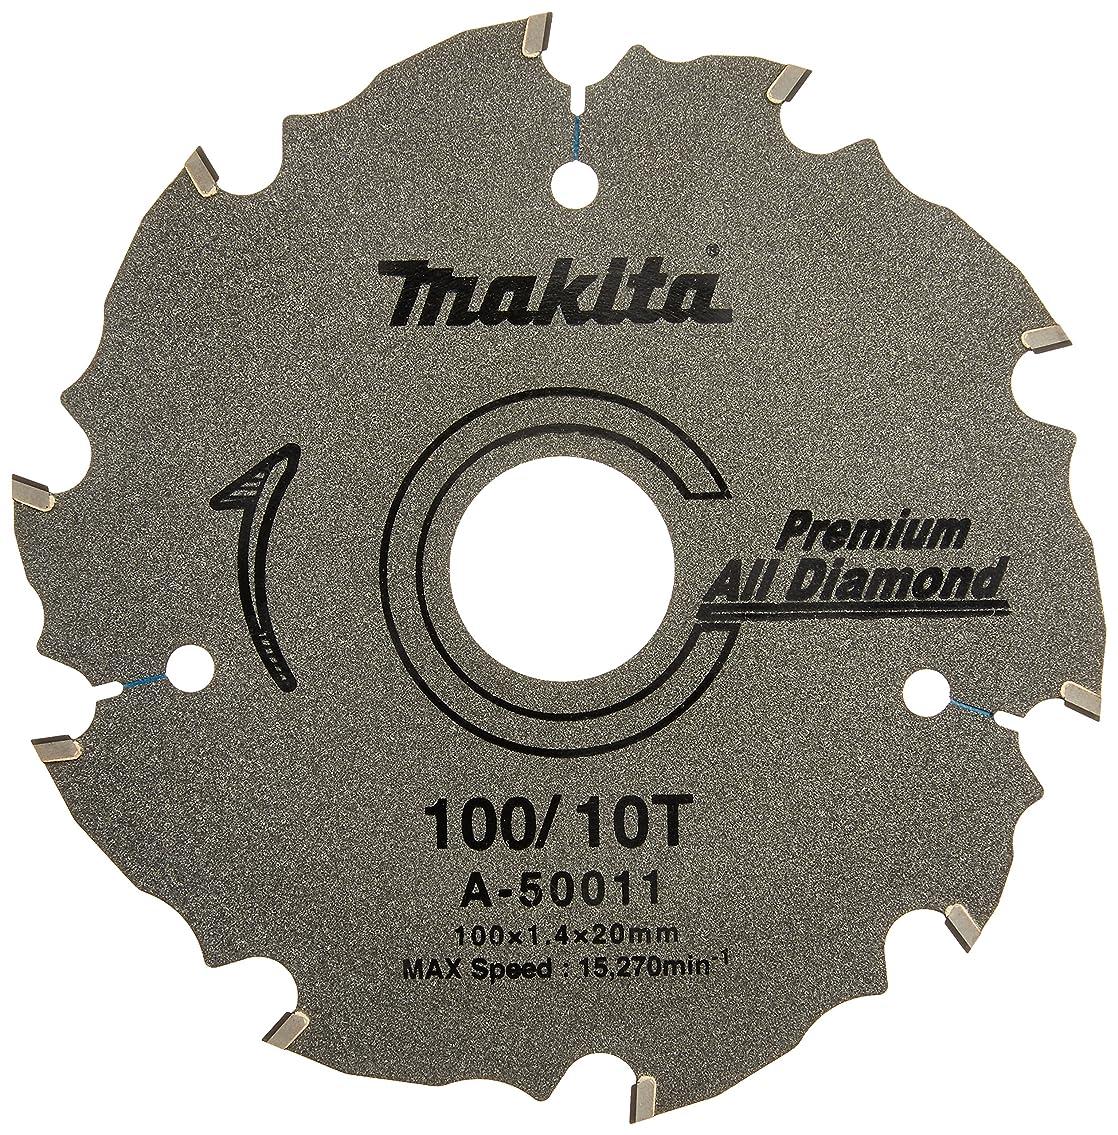 知覚永久に悪用マキタ(Makita) プレミアムオールダイヤチップソー 外径100mm 刃数10T A-50011